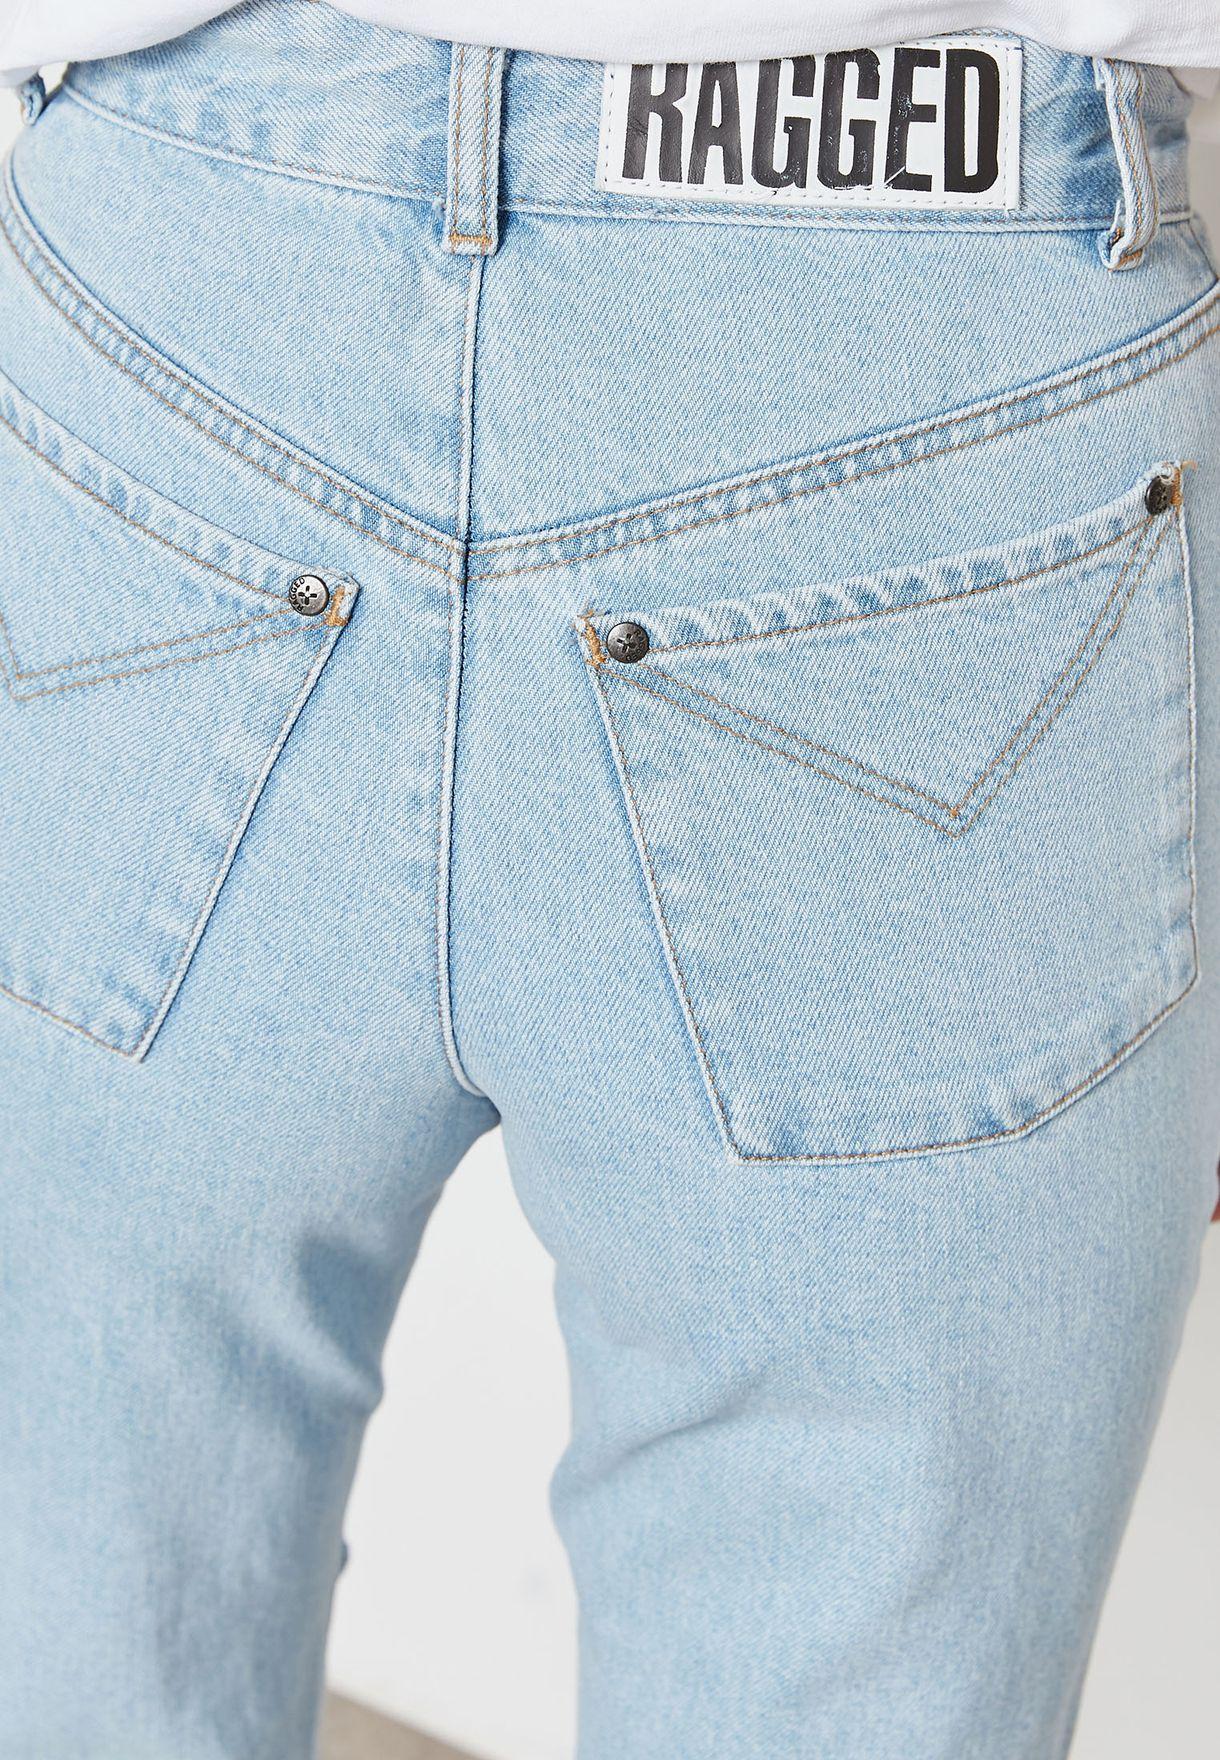 بنطال جينز مخطط بركب ممزقة